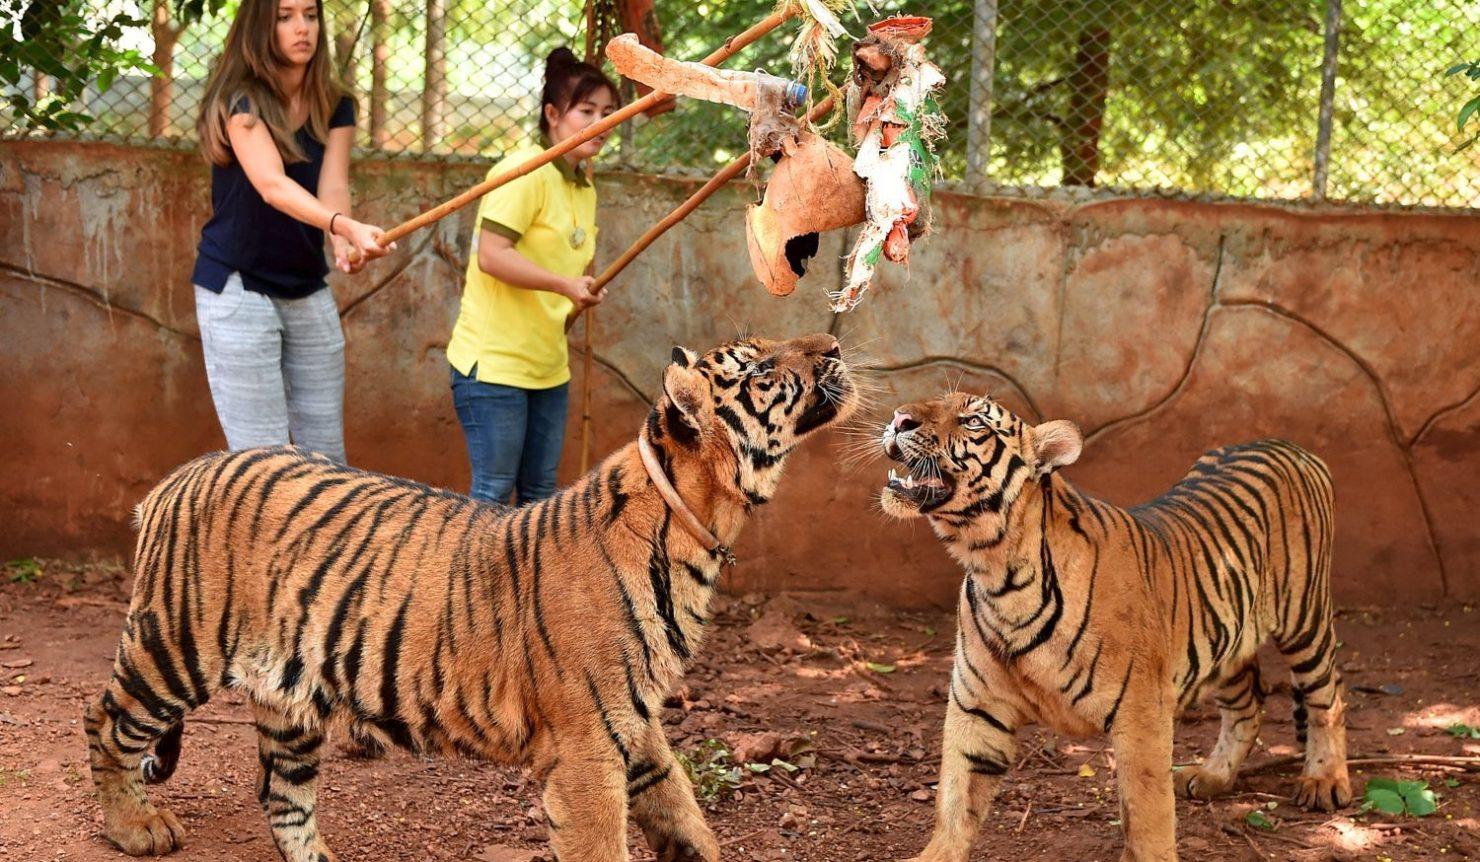 rencontre avec les tigres thailande rencontre homme ille et vilaine